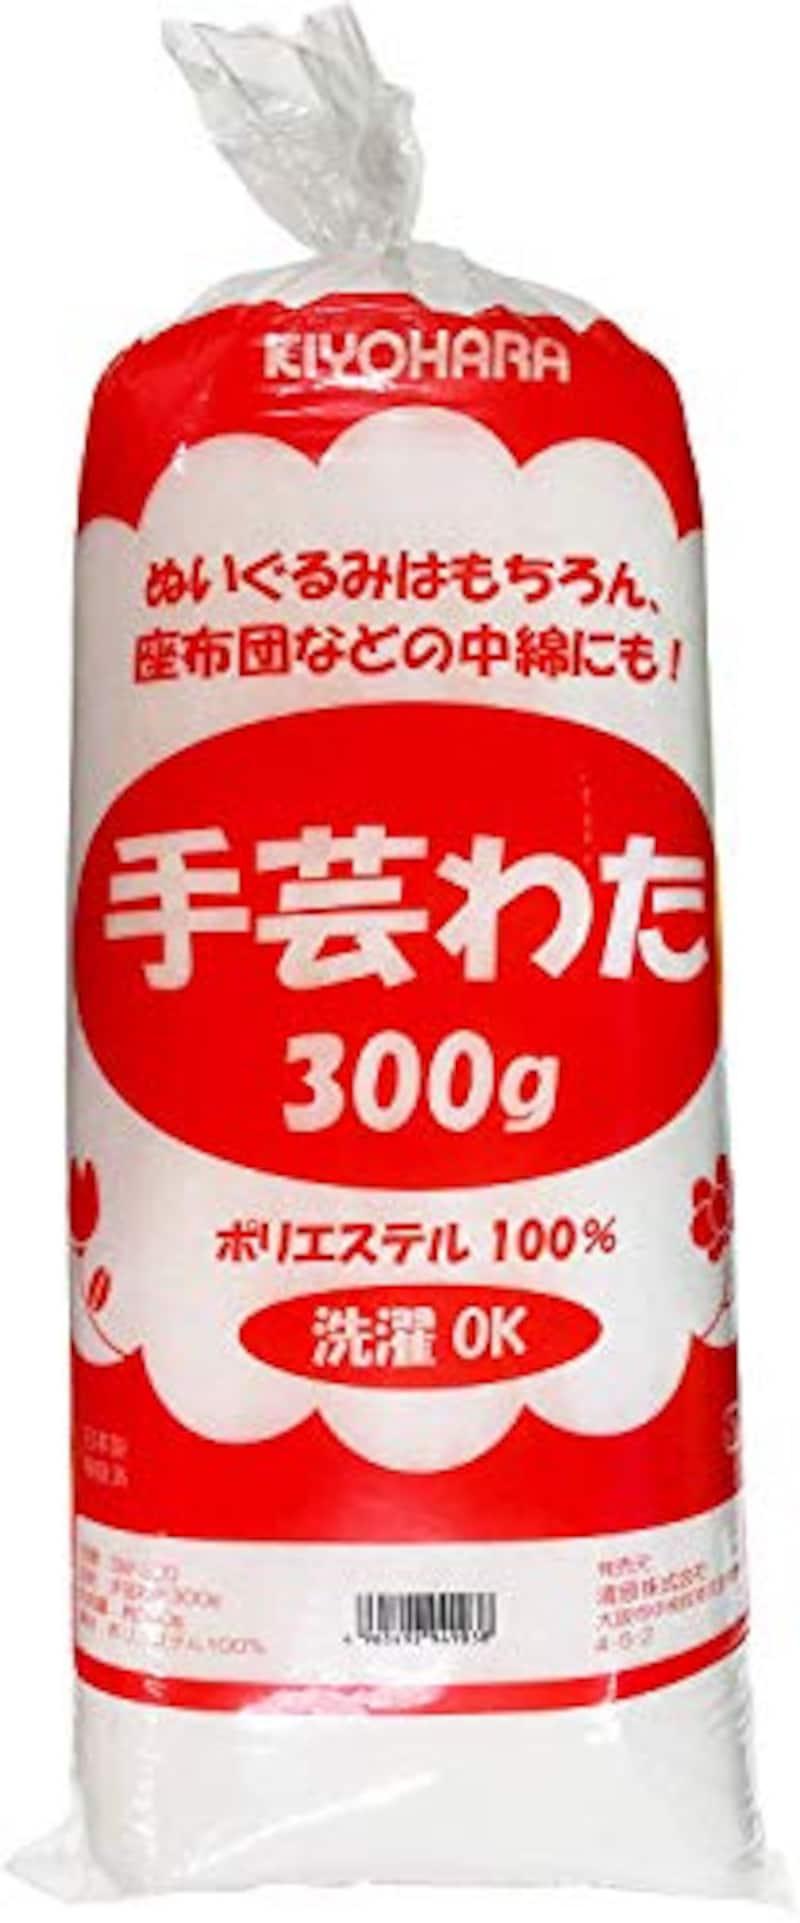 キヨハラ,手芸わた 300g